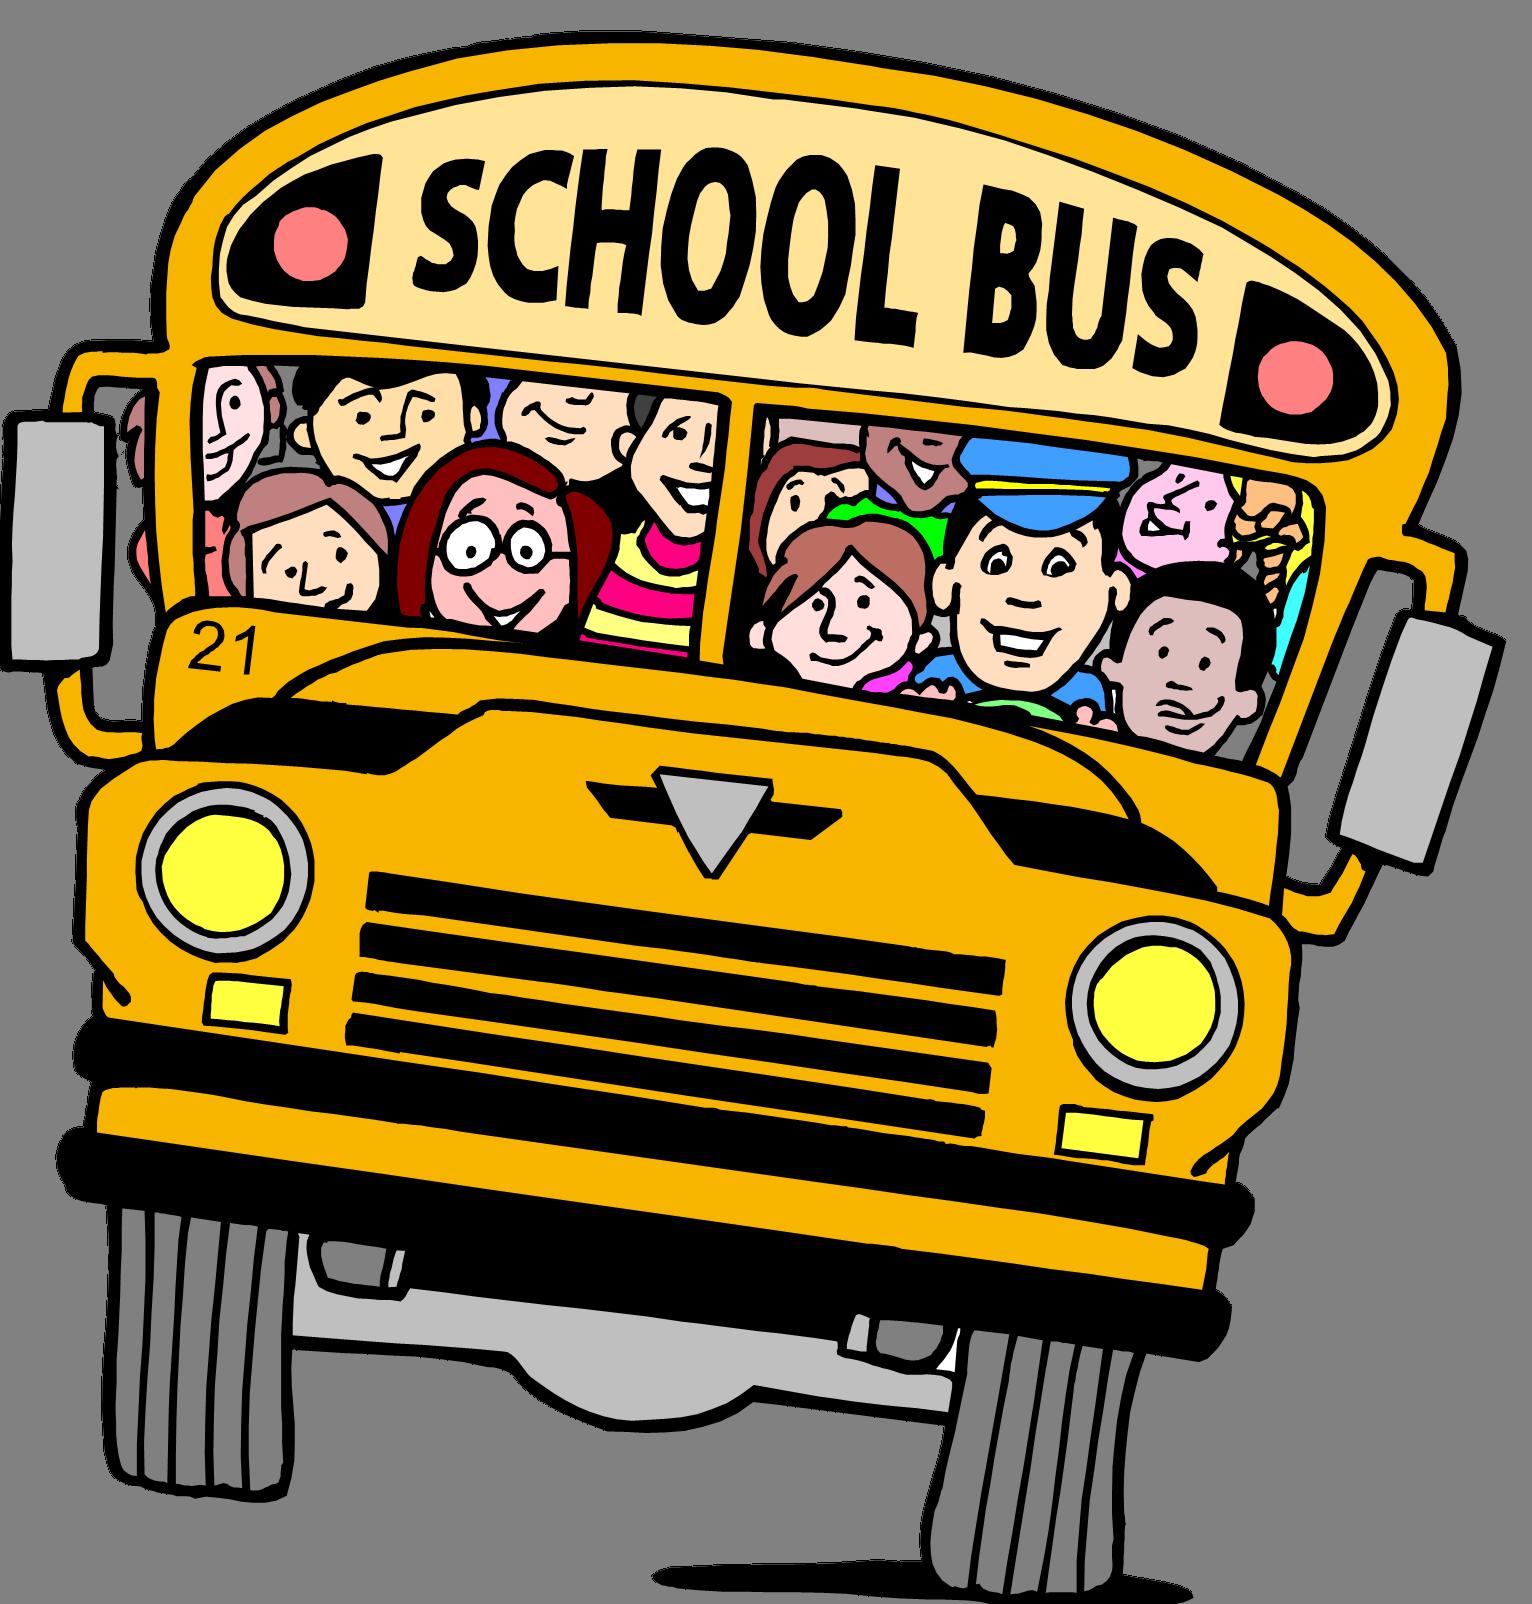 Schoolbus clip art school. Families clipart bus